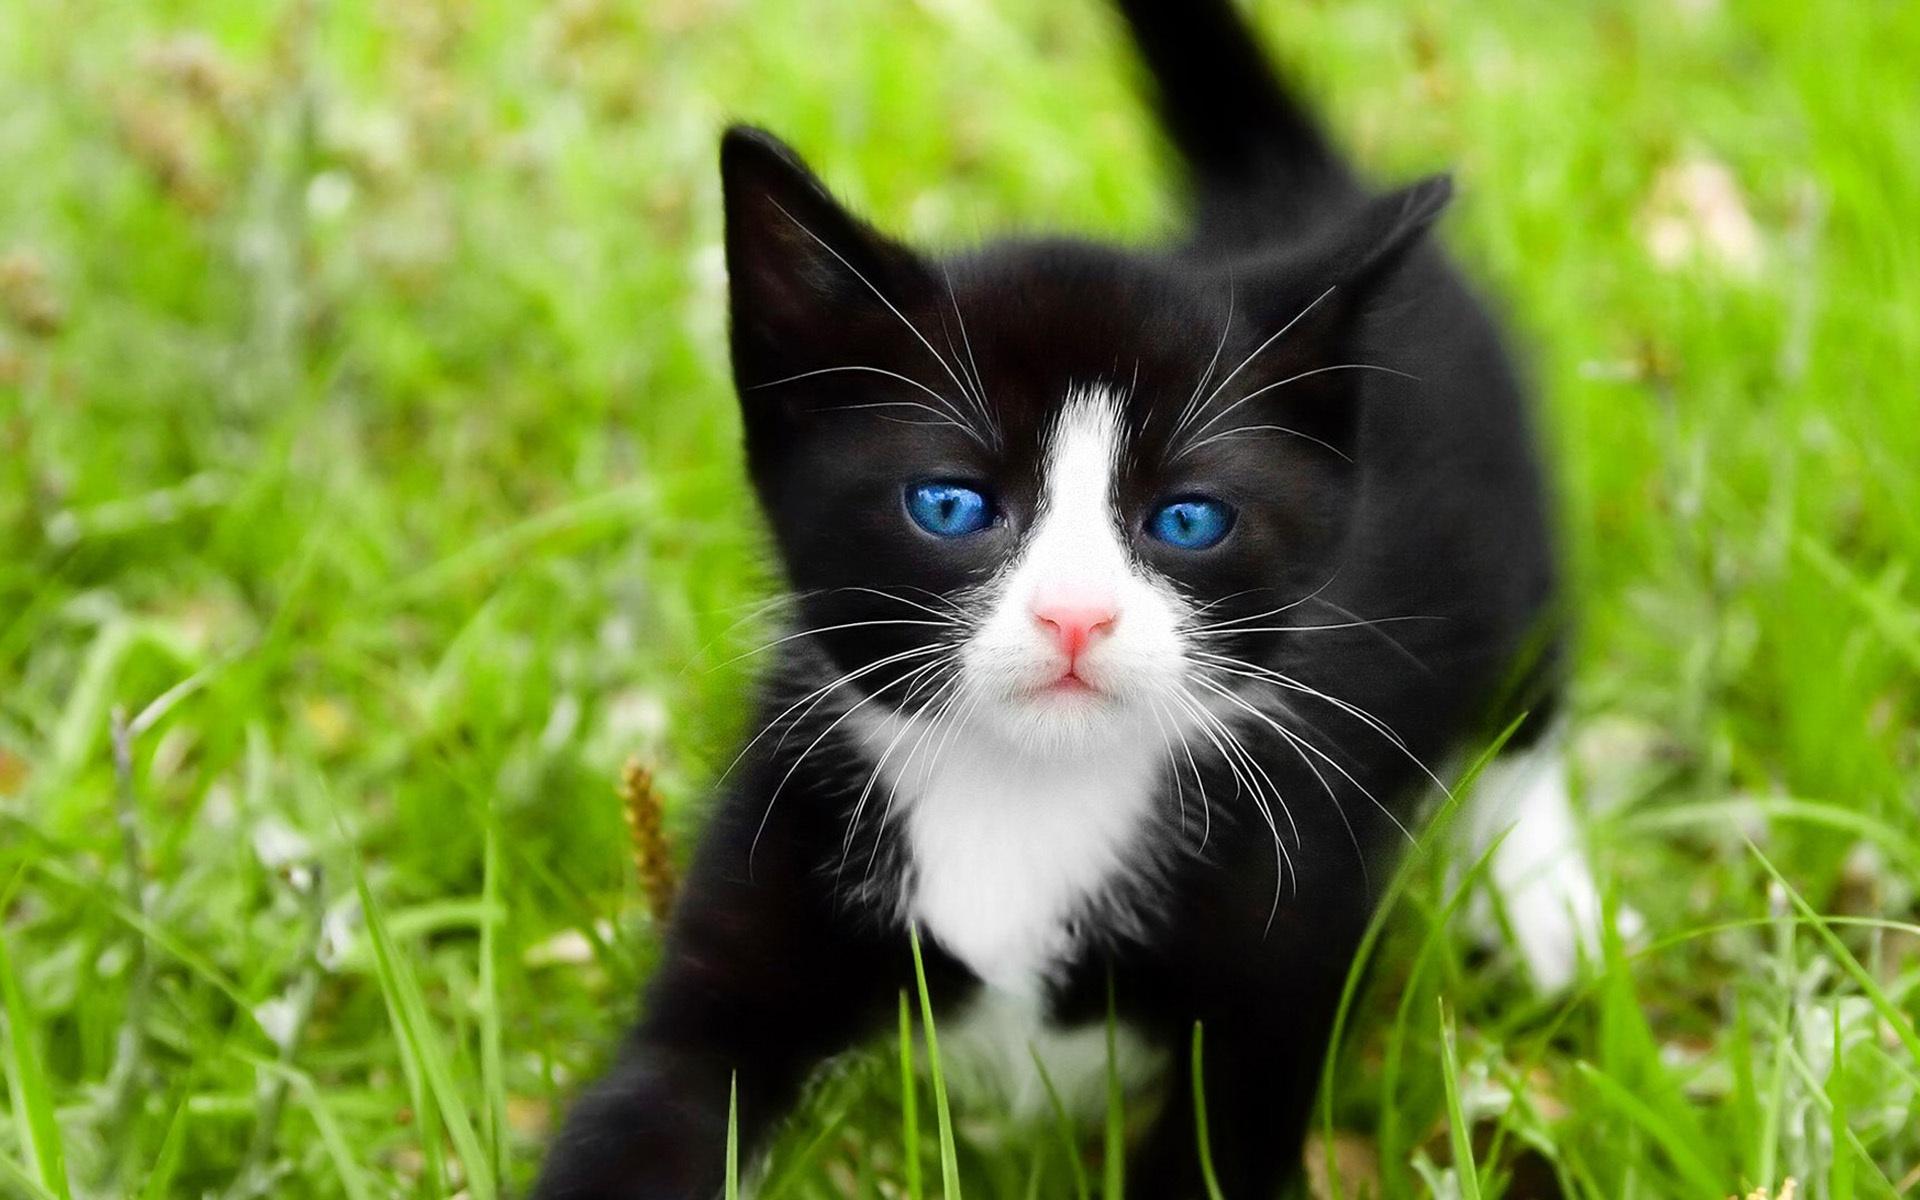 Gatos Pretos Dos Olhos Azuis Gato Preto Olhos Azuis